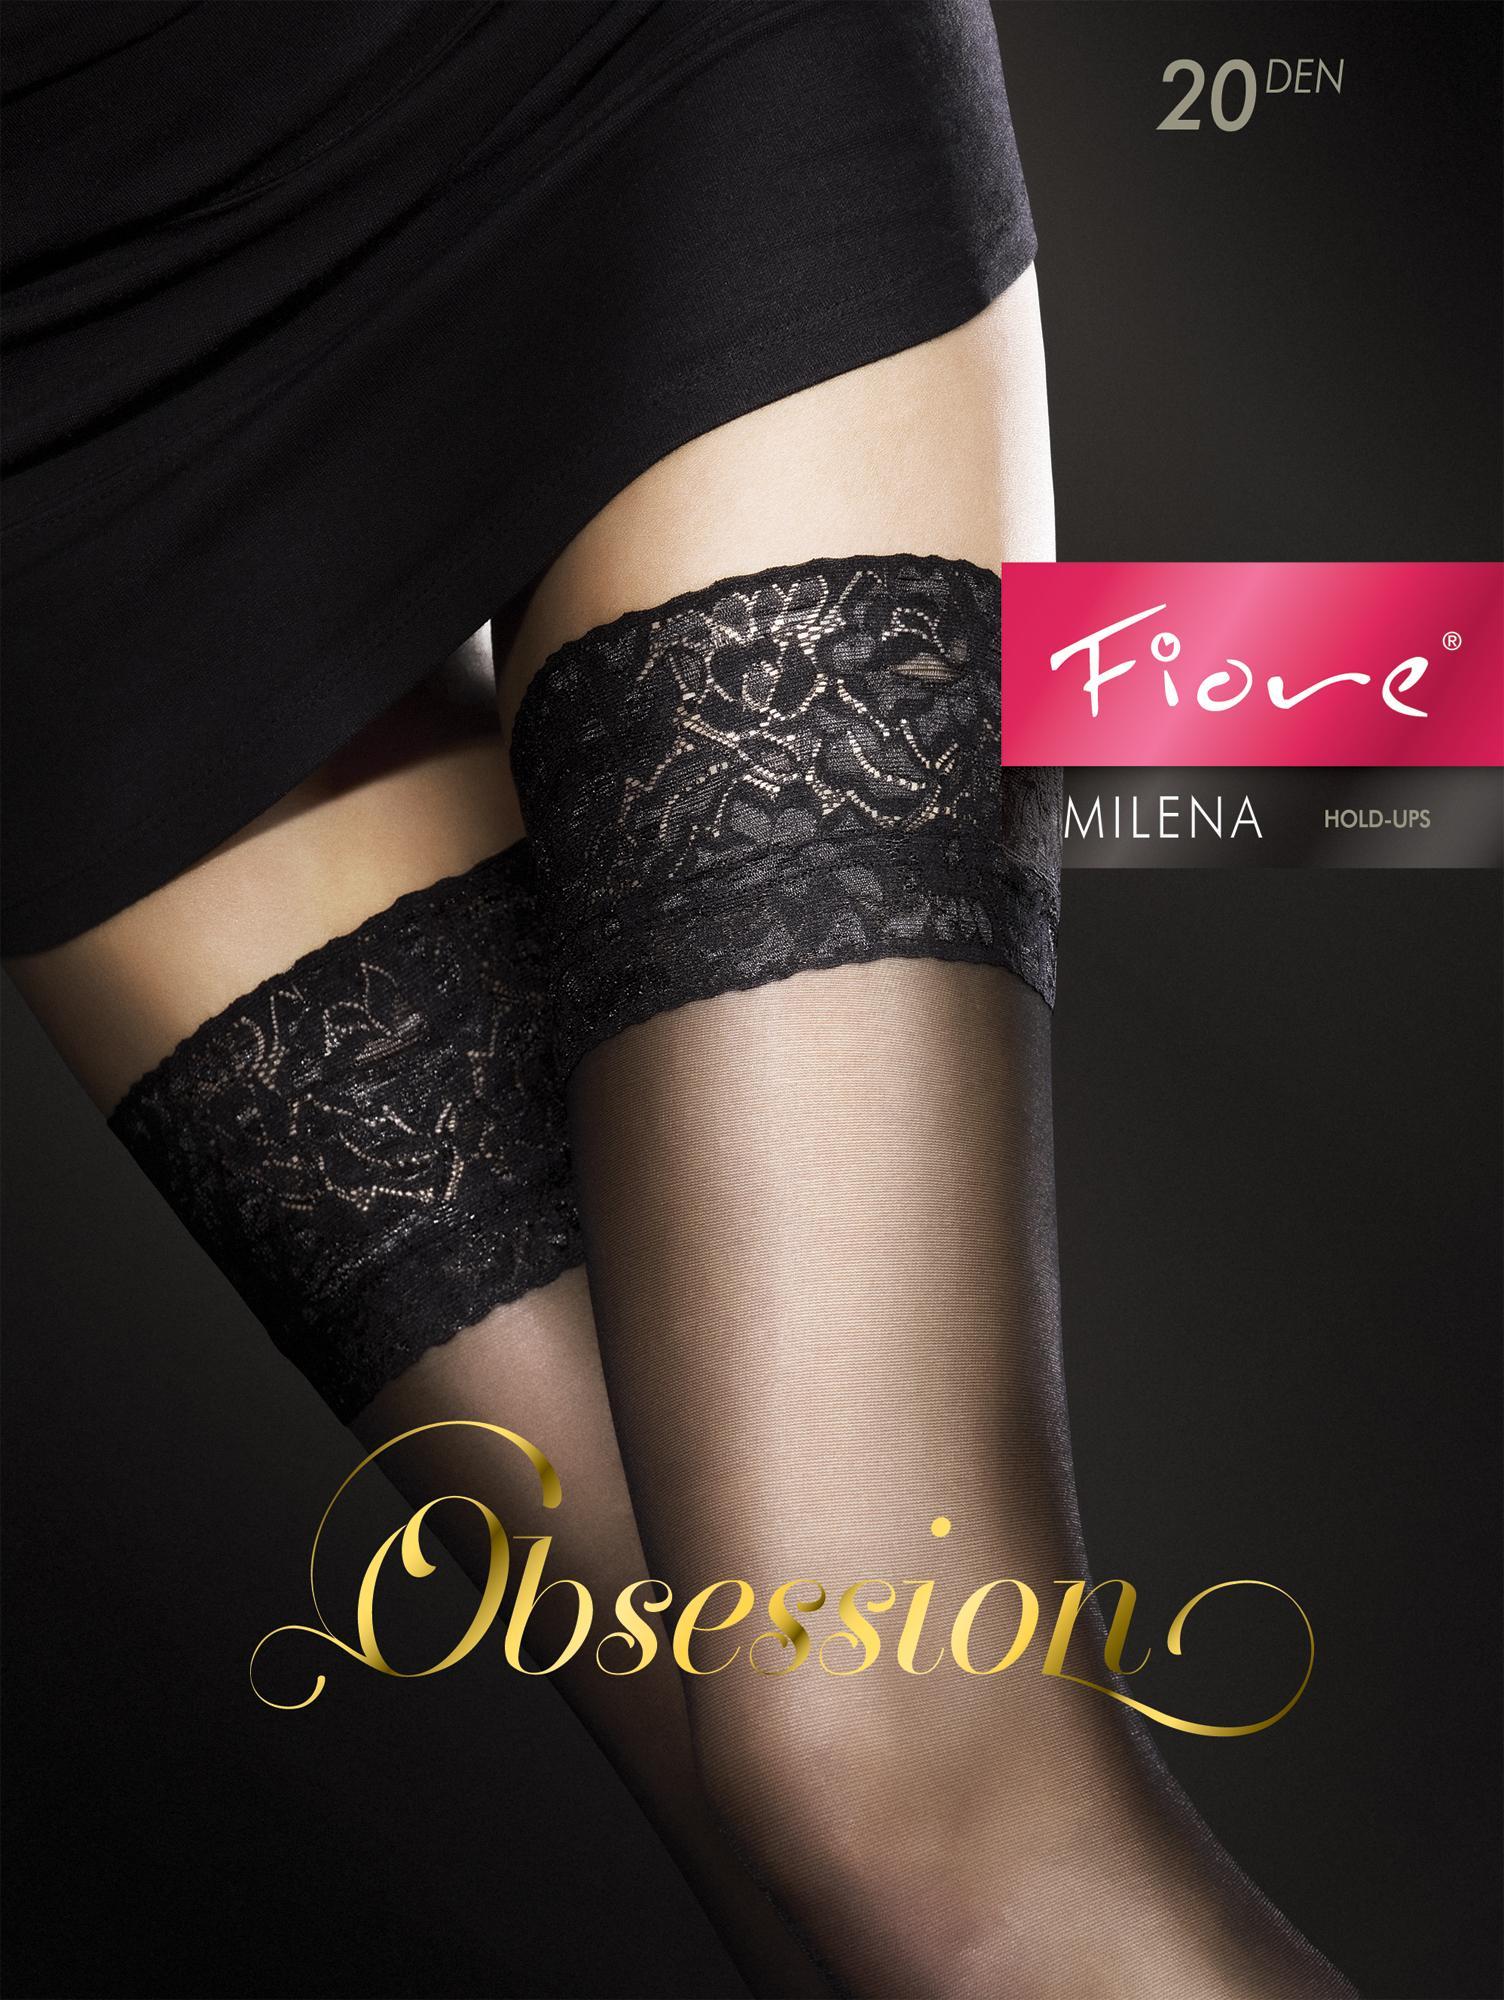 Fiore Contessa//Obsession Autoreggenti 40 DEN Donna